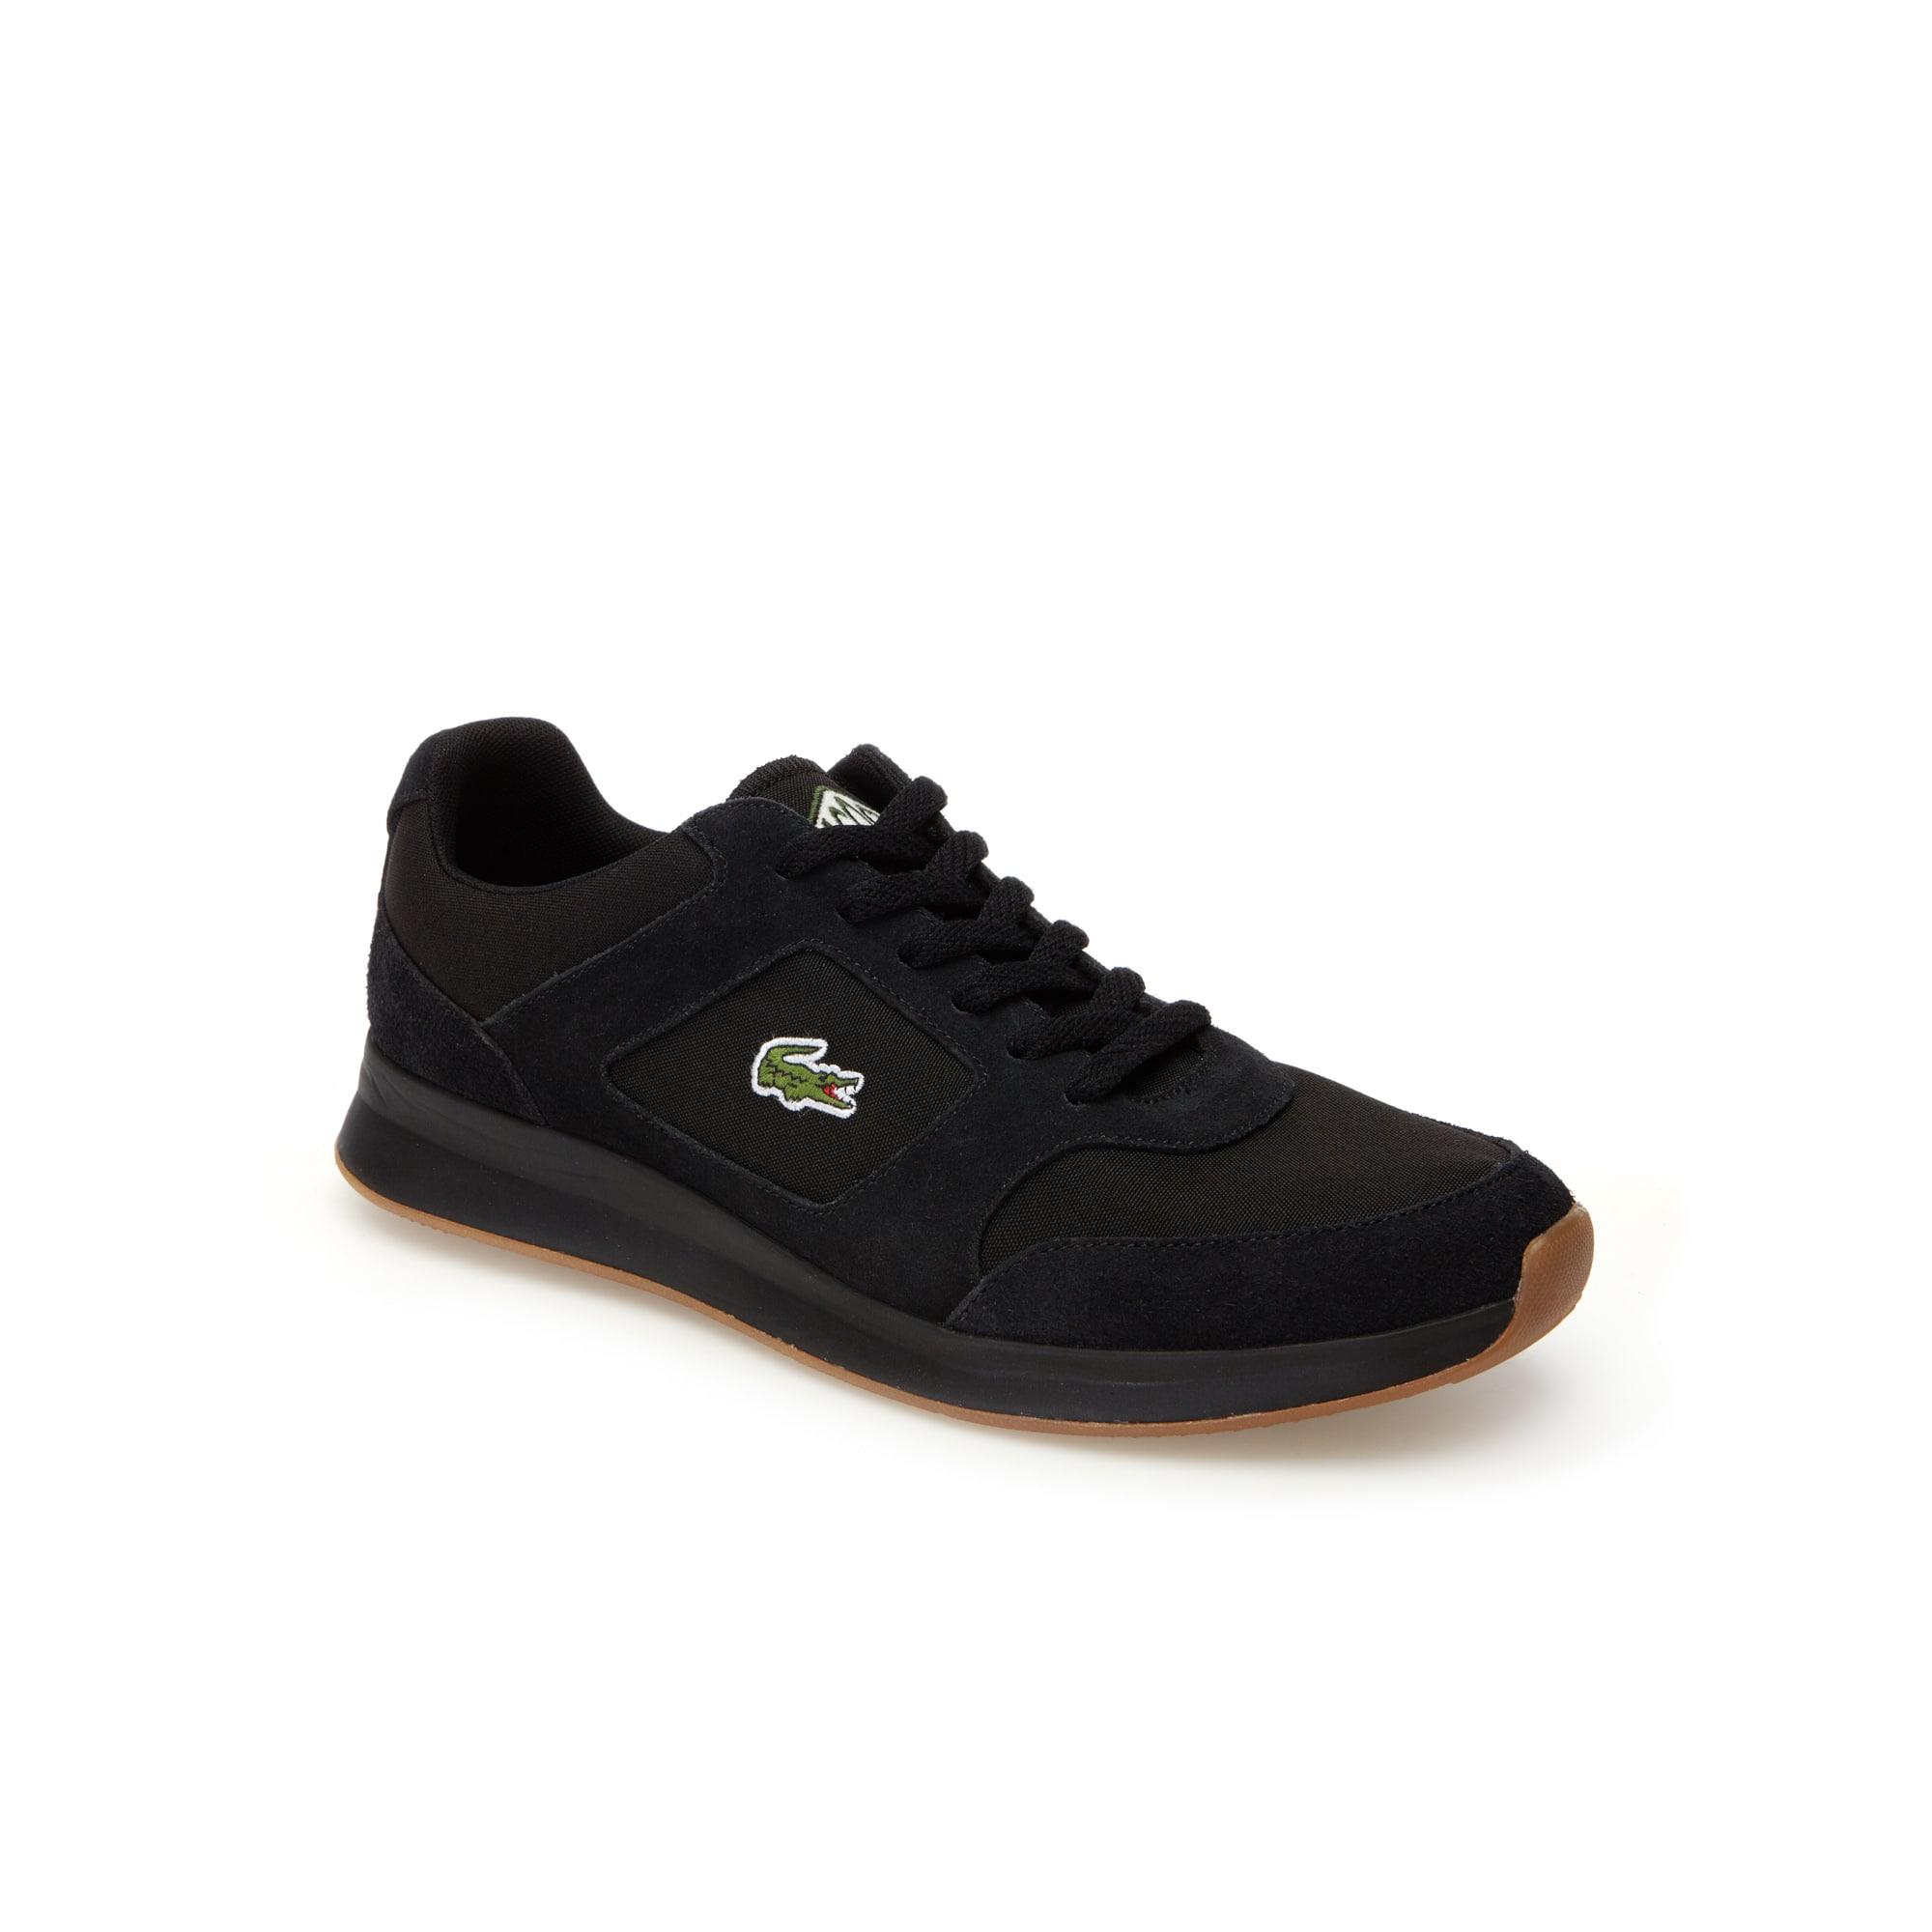 7da00137f21 Lacoste Chaussures Les Toutes Soldes Homme Rqawwnp1I